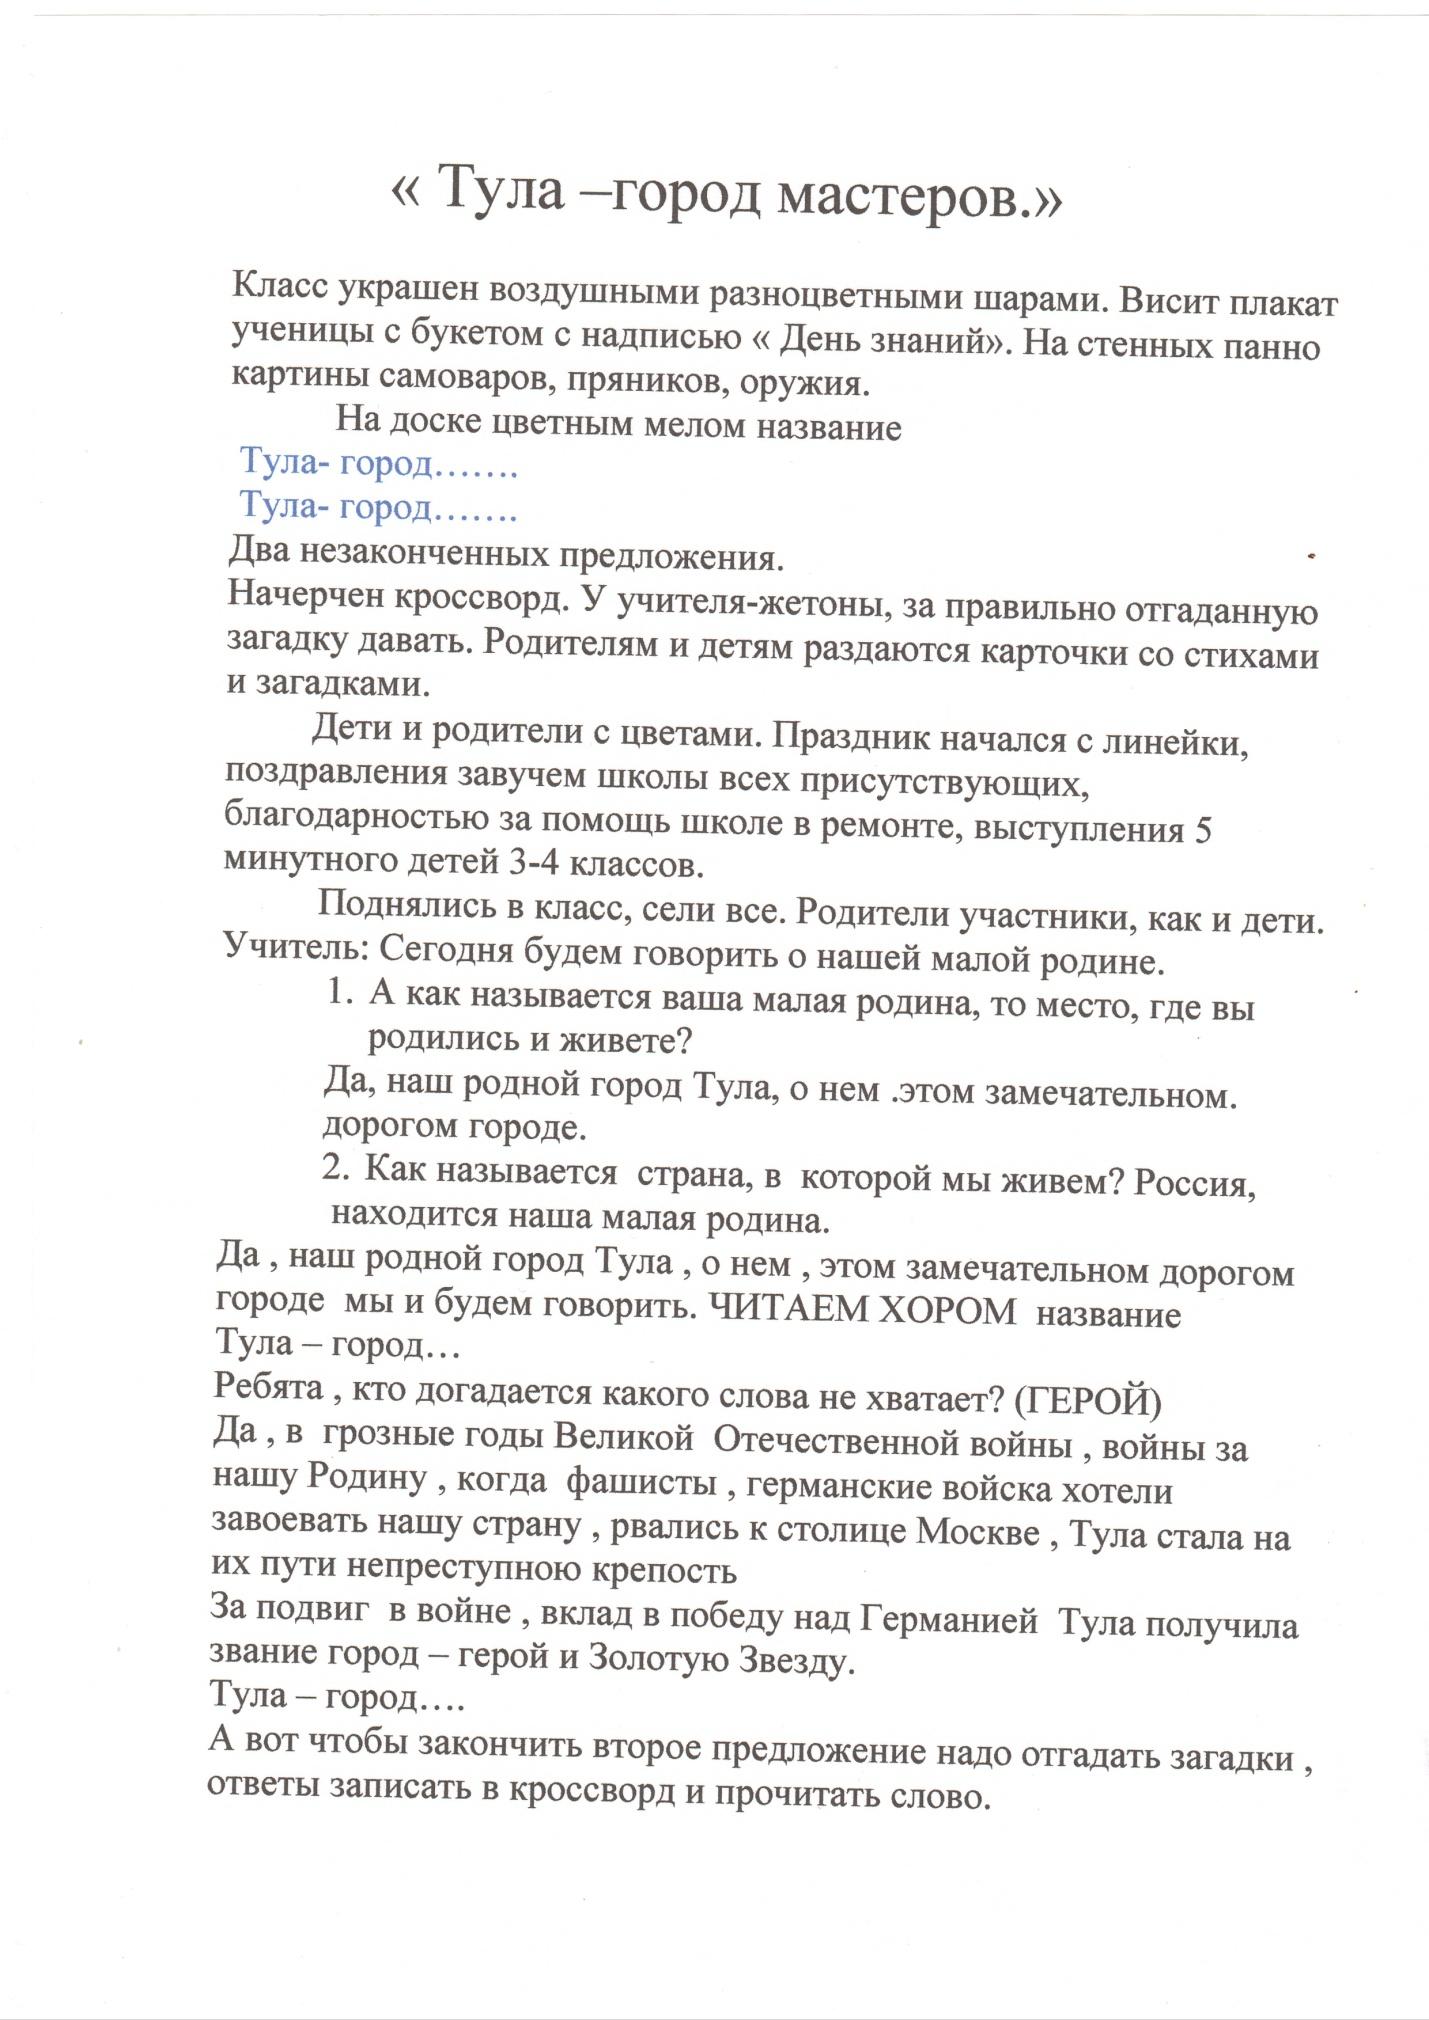 D:\Фото\ГОРОД МАСТЕРОВ-ТУЛА\020001.JPG